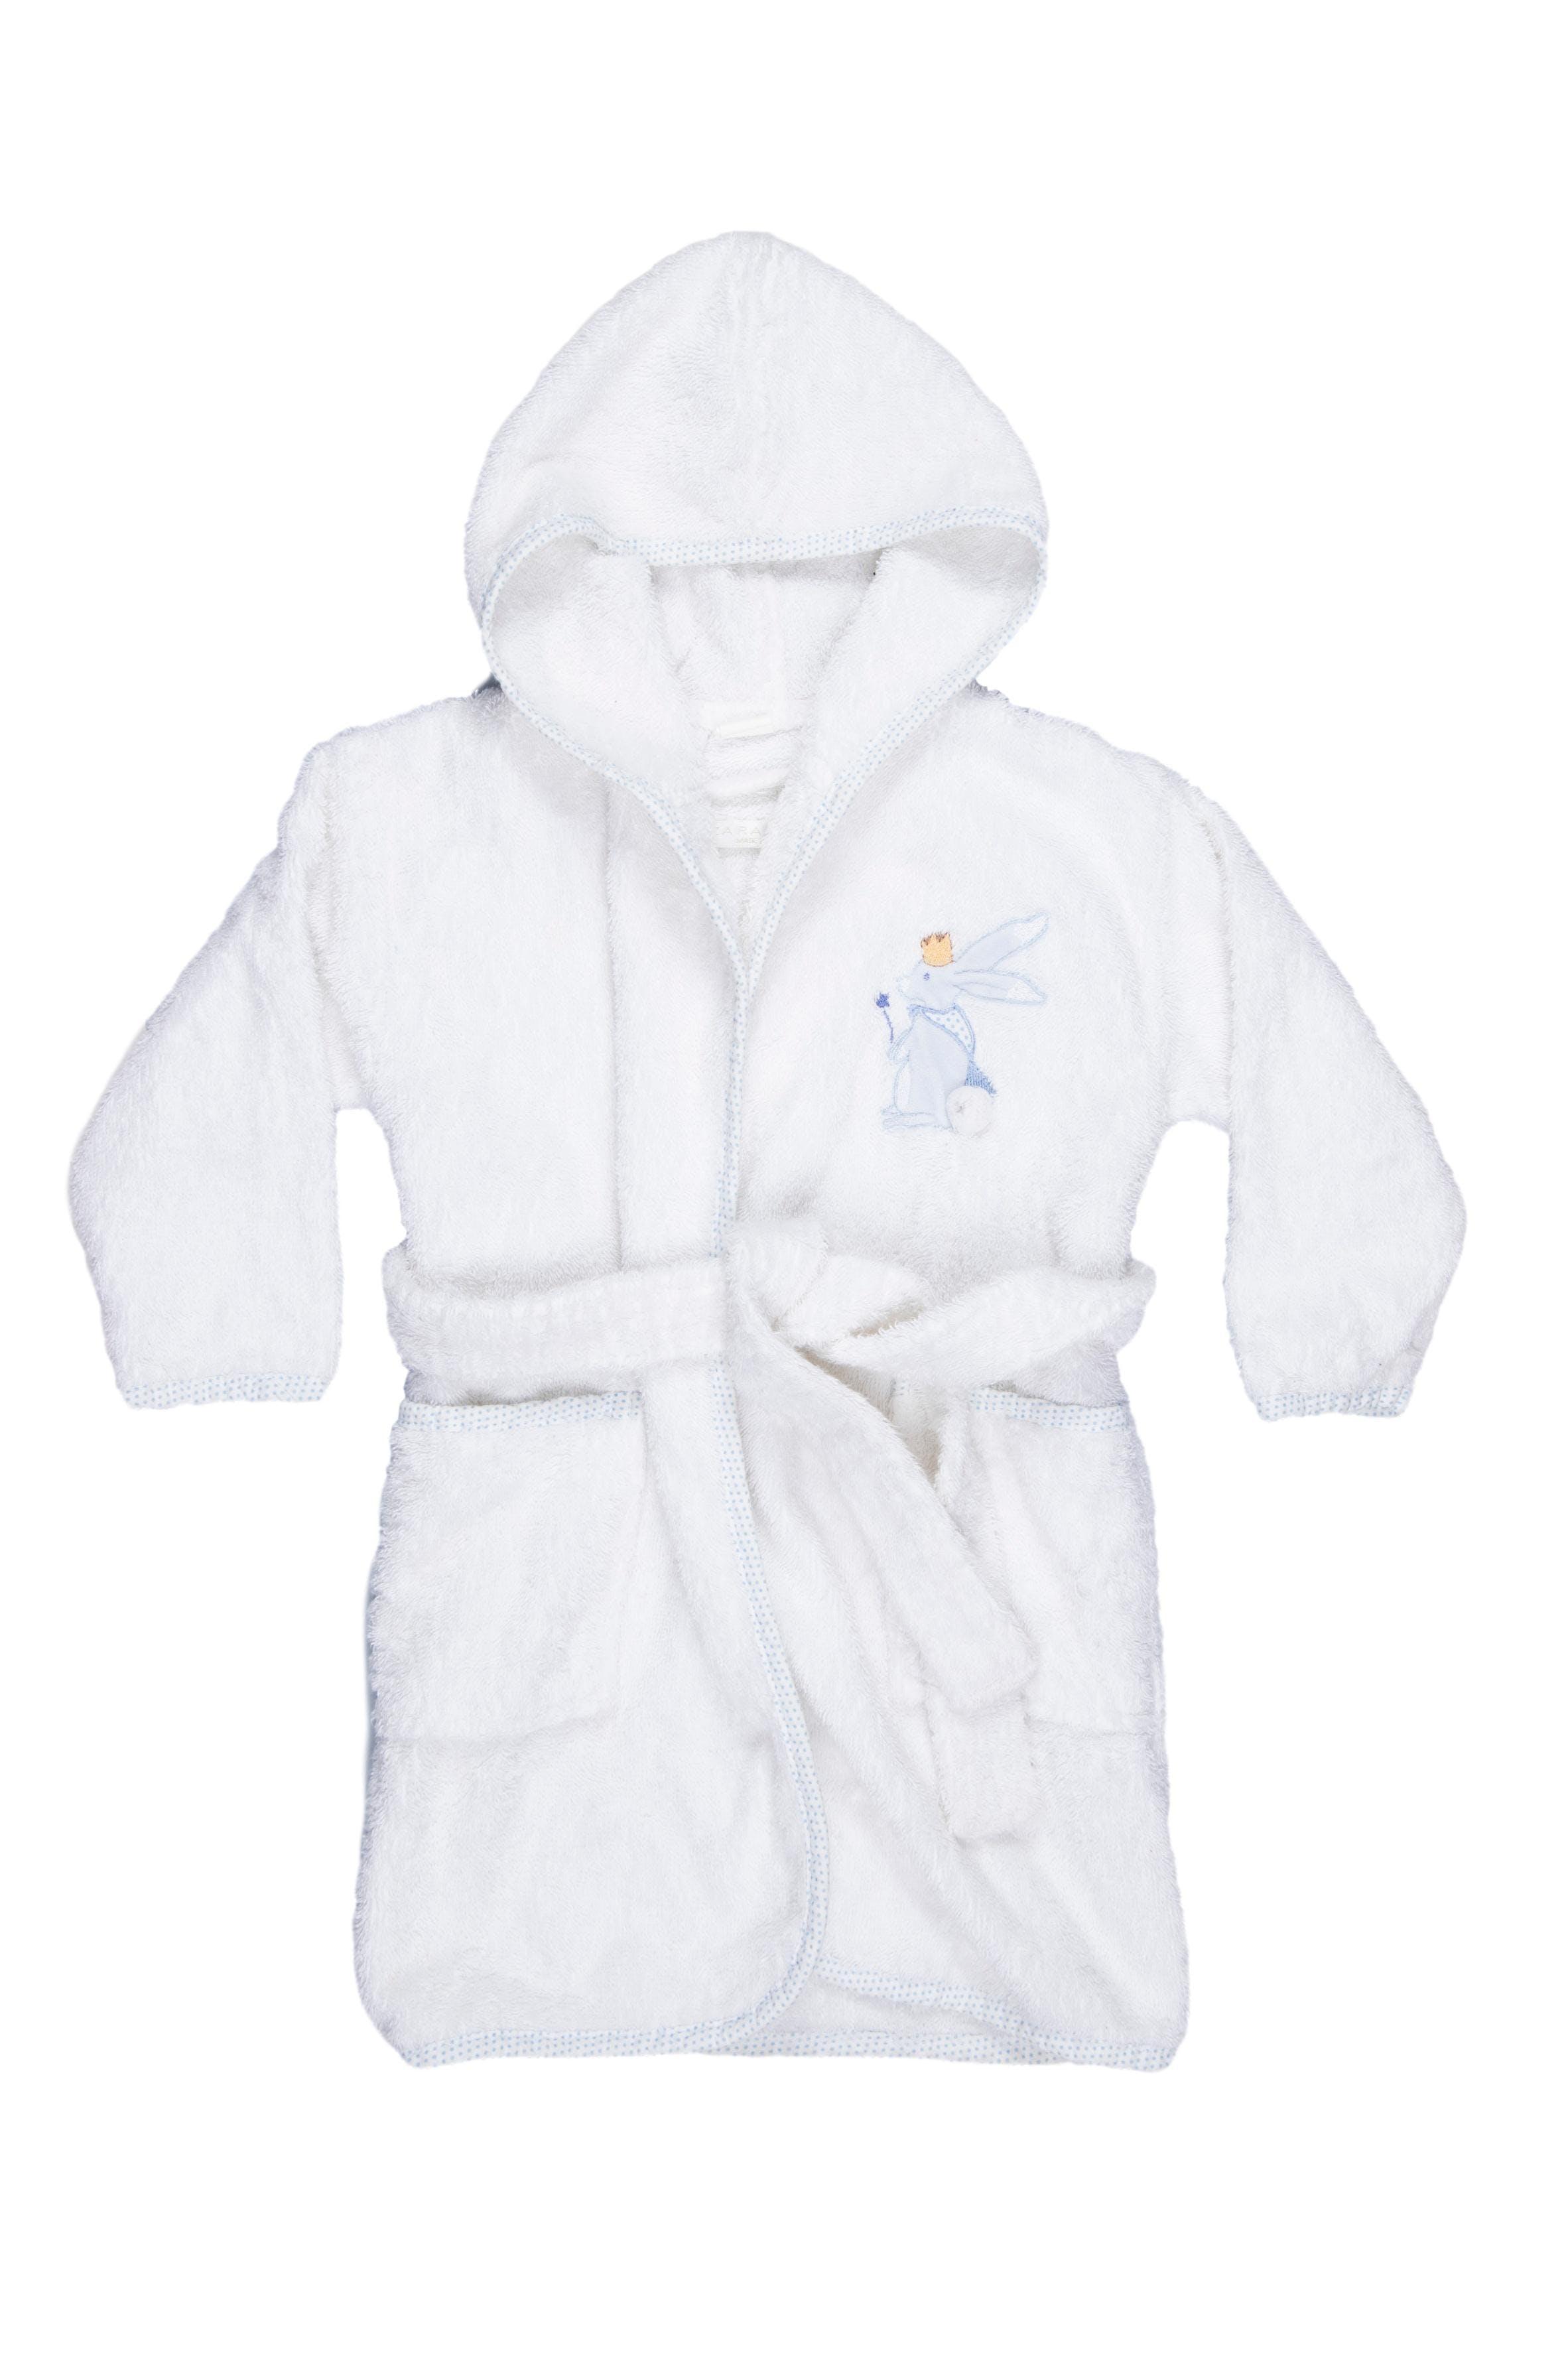 Bata de baño blanca con capucha. Tiene un puntito a la altura del pecho. 100% algodón - Zara